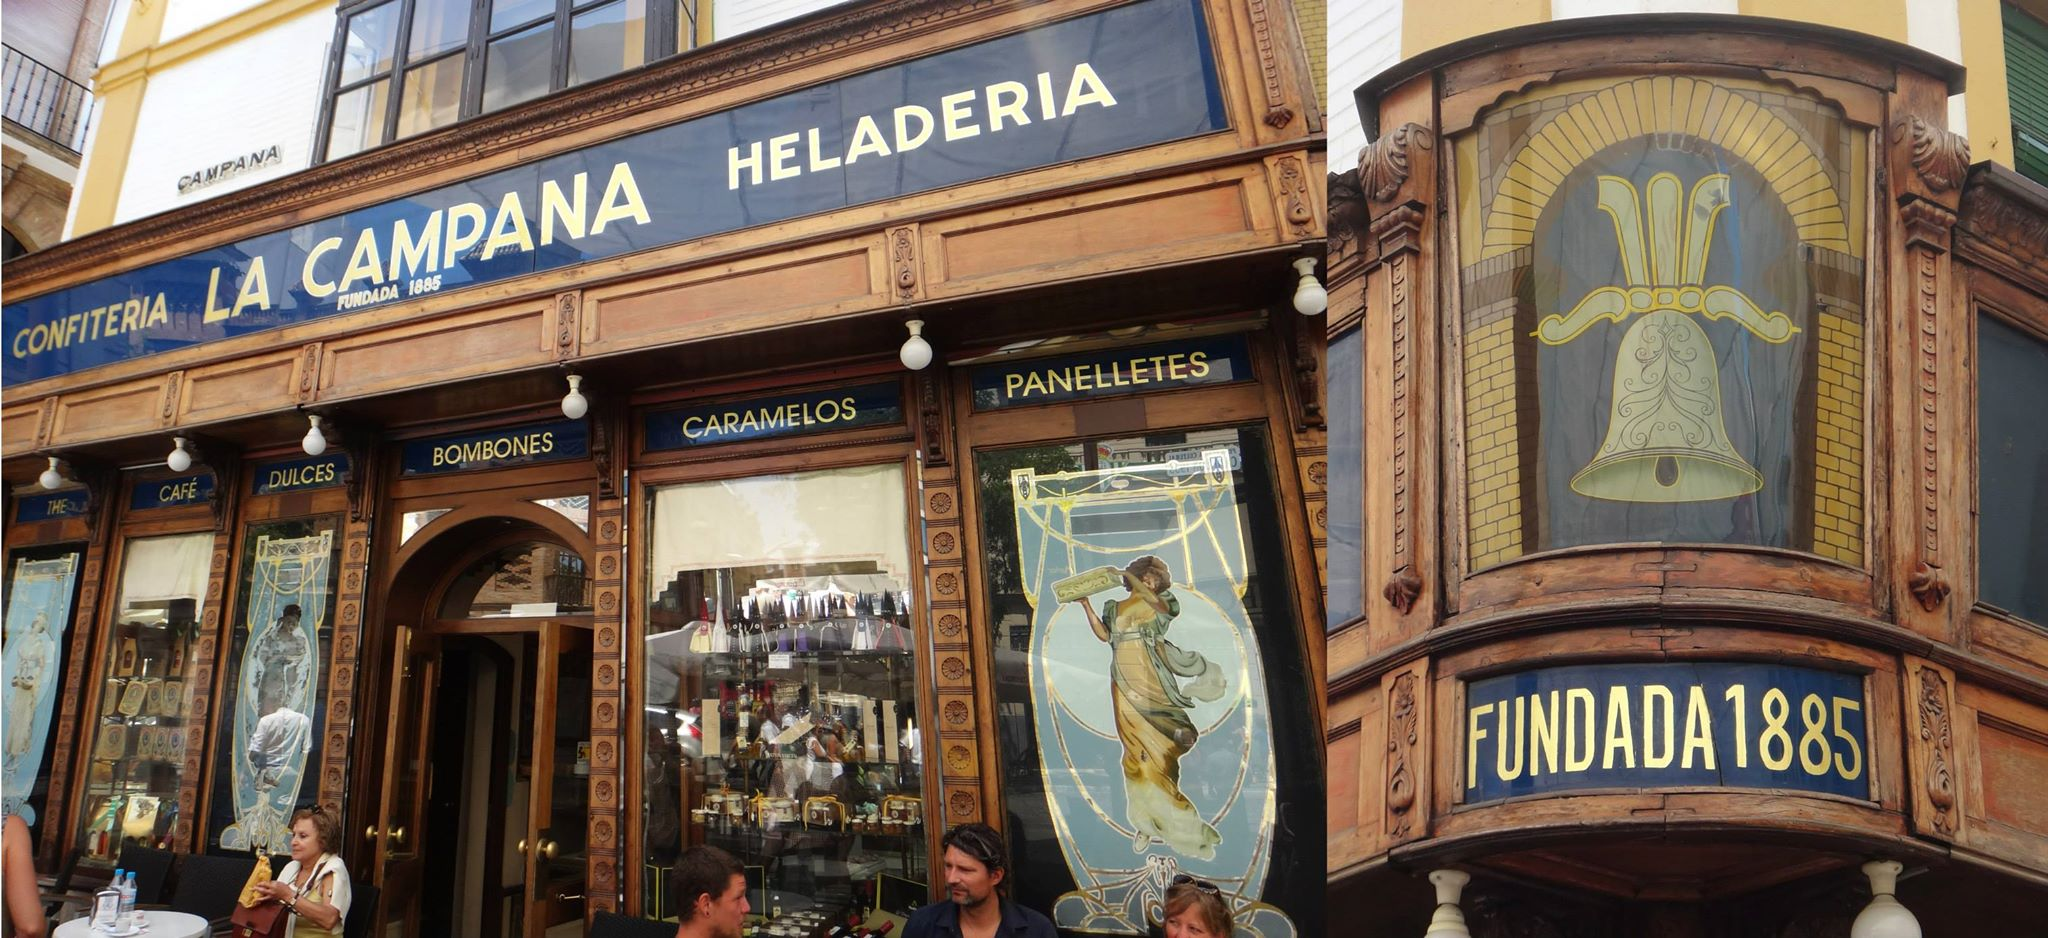 La Campana, piezas nuevas y antiguas, cristal pintado en reversa y pan de oro. Autor desconocido — en Sevilla.